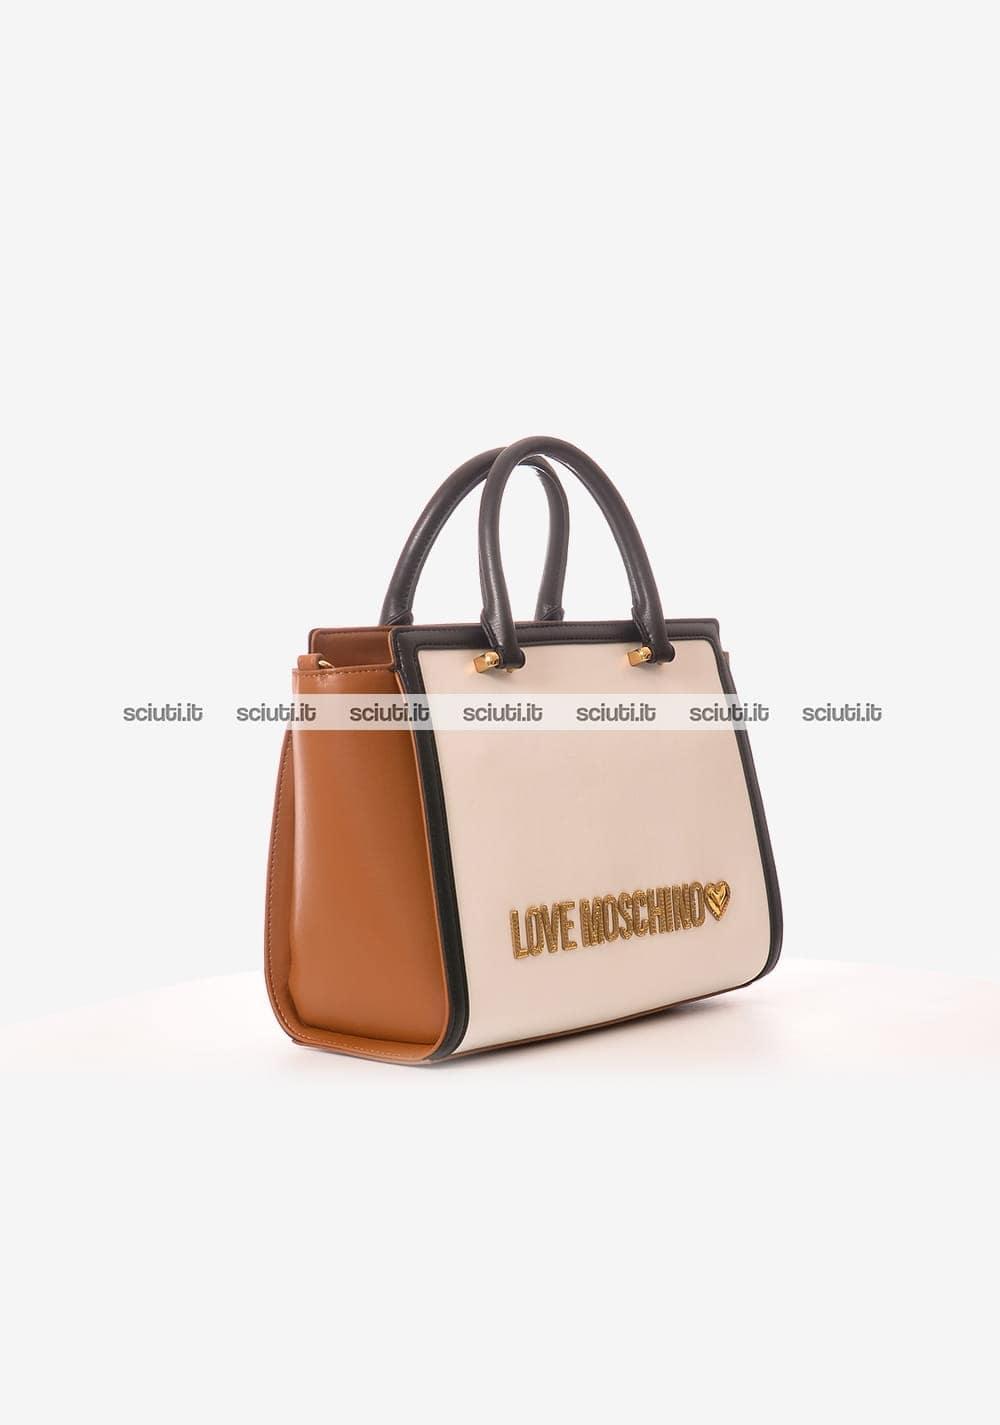 1c1e50b857 Borsa a mano Love Moschino donna trapuntata bianco nero marrone ...